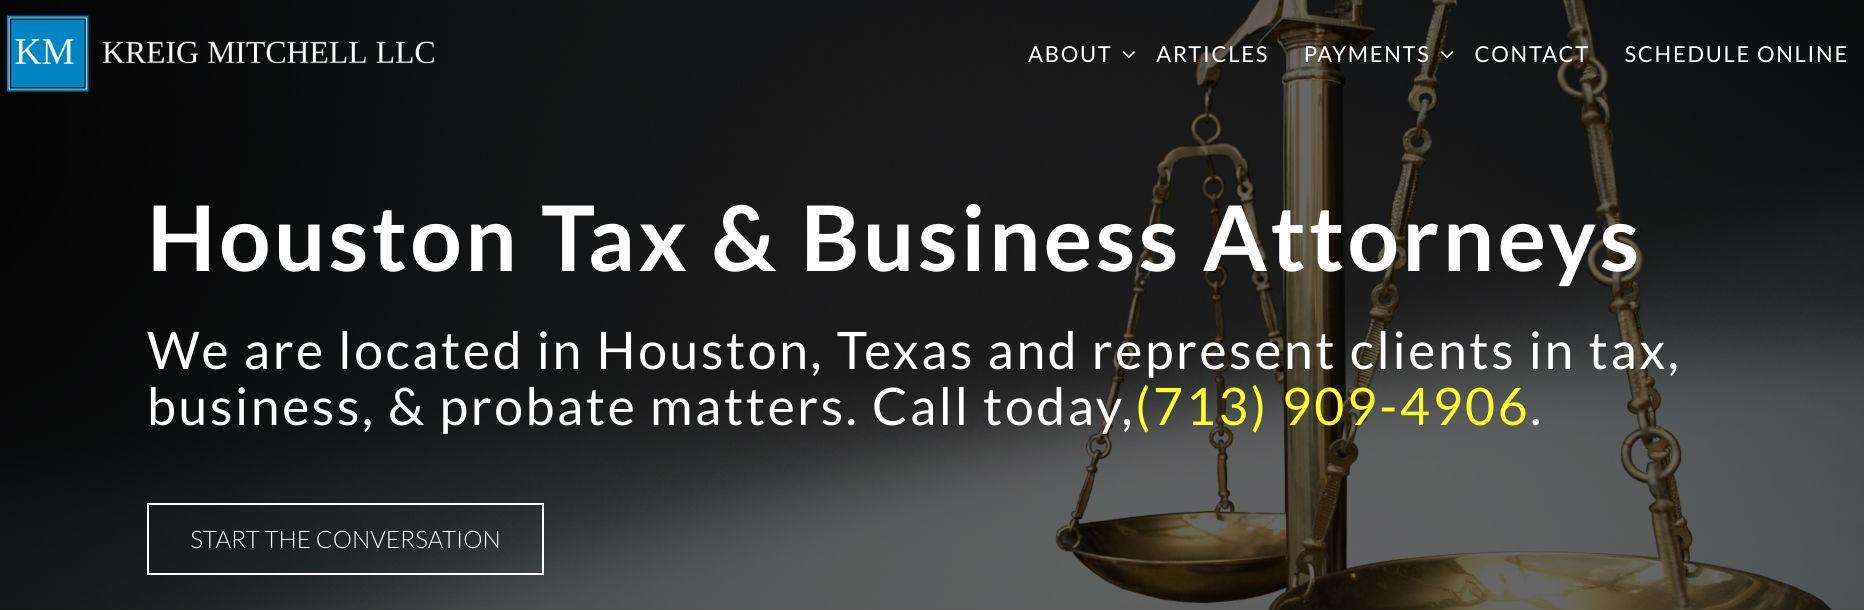 Kreig Mitchell LLC, Attorneys at Law | LinkedIn